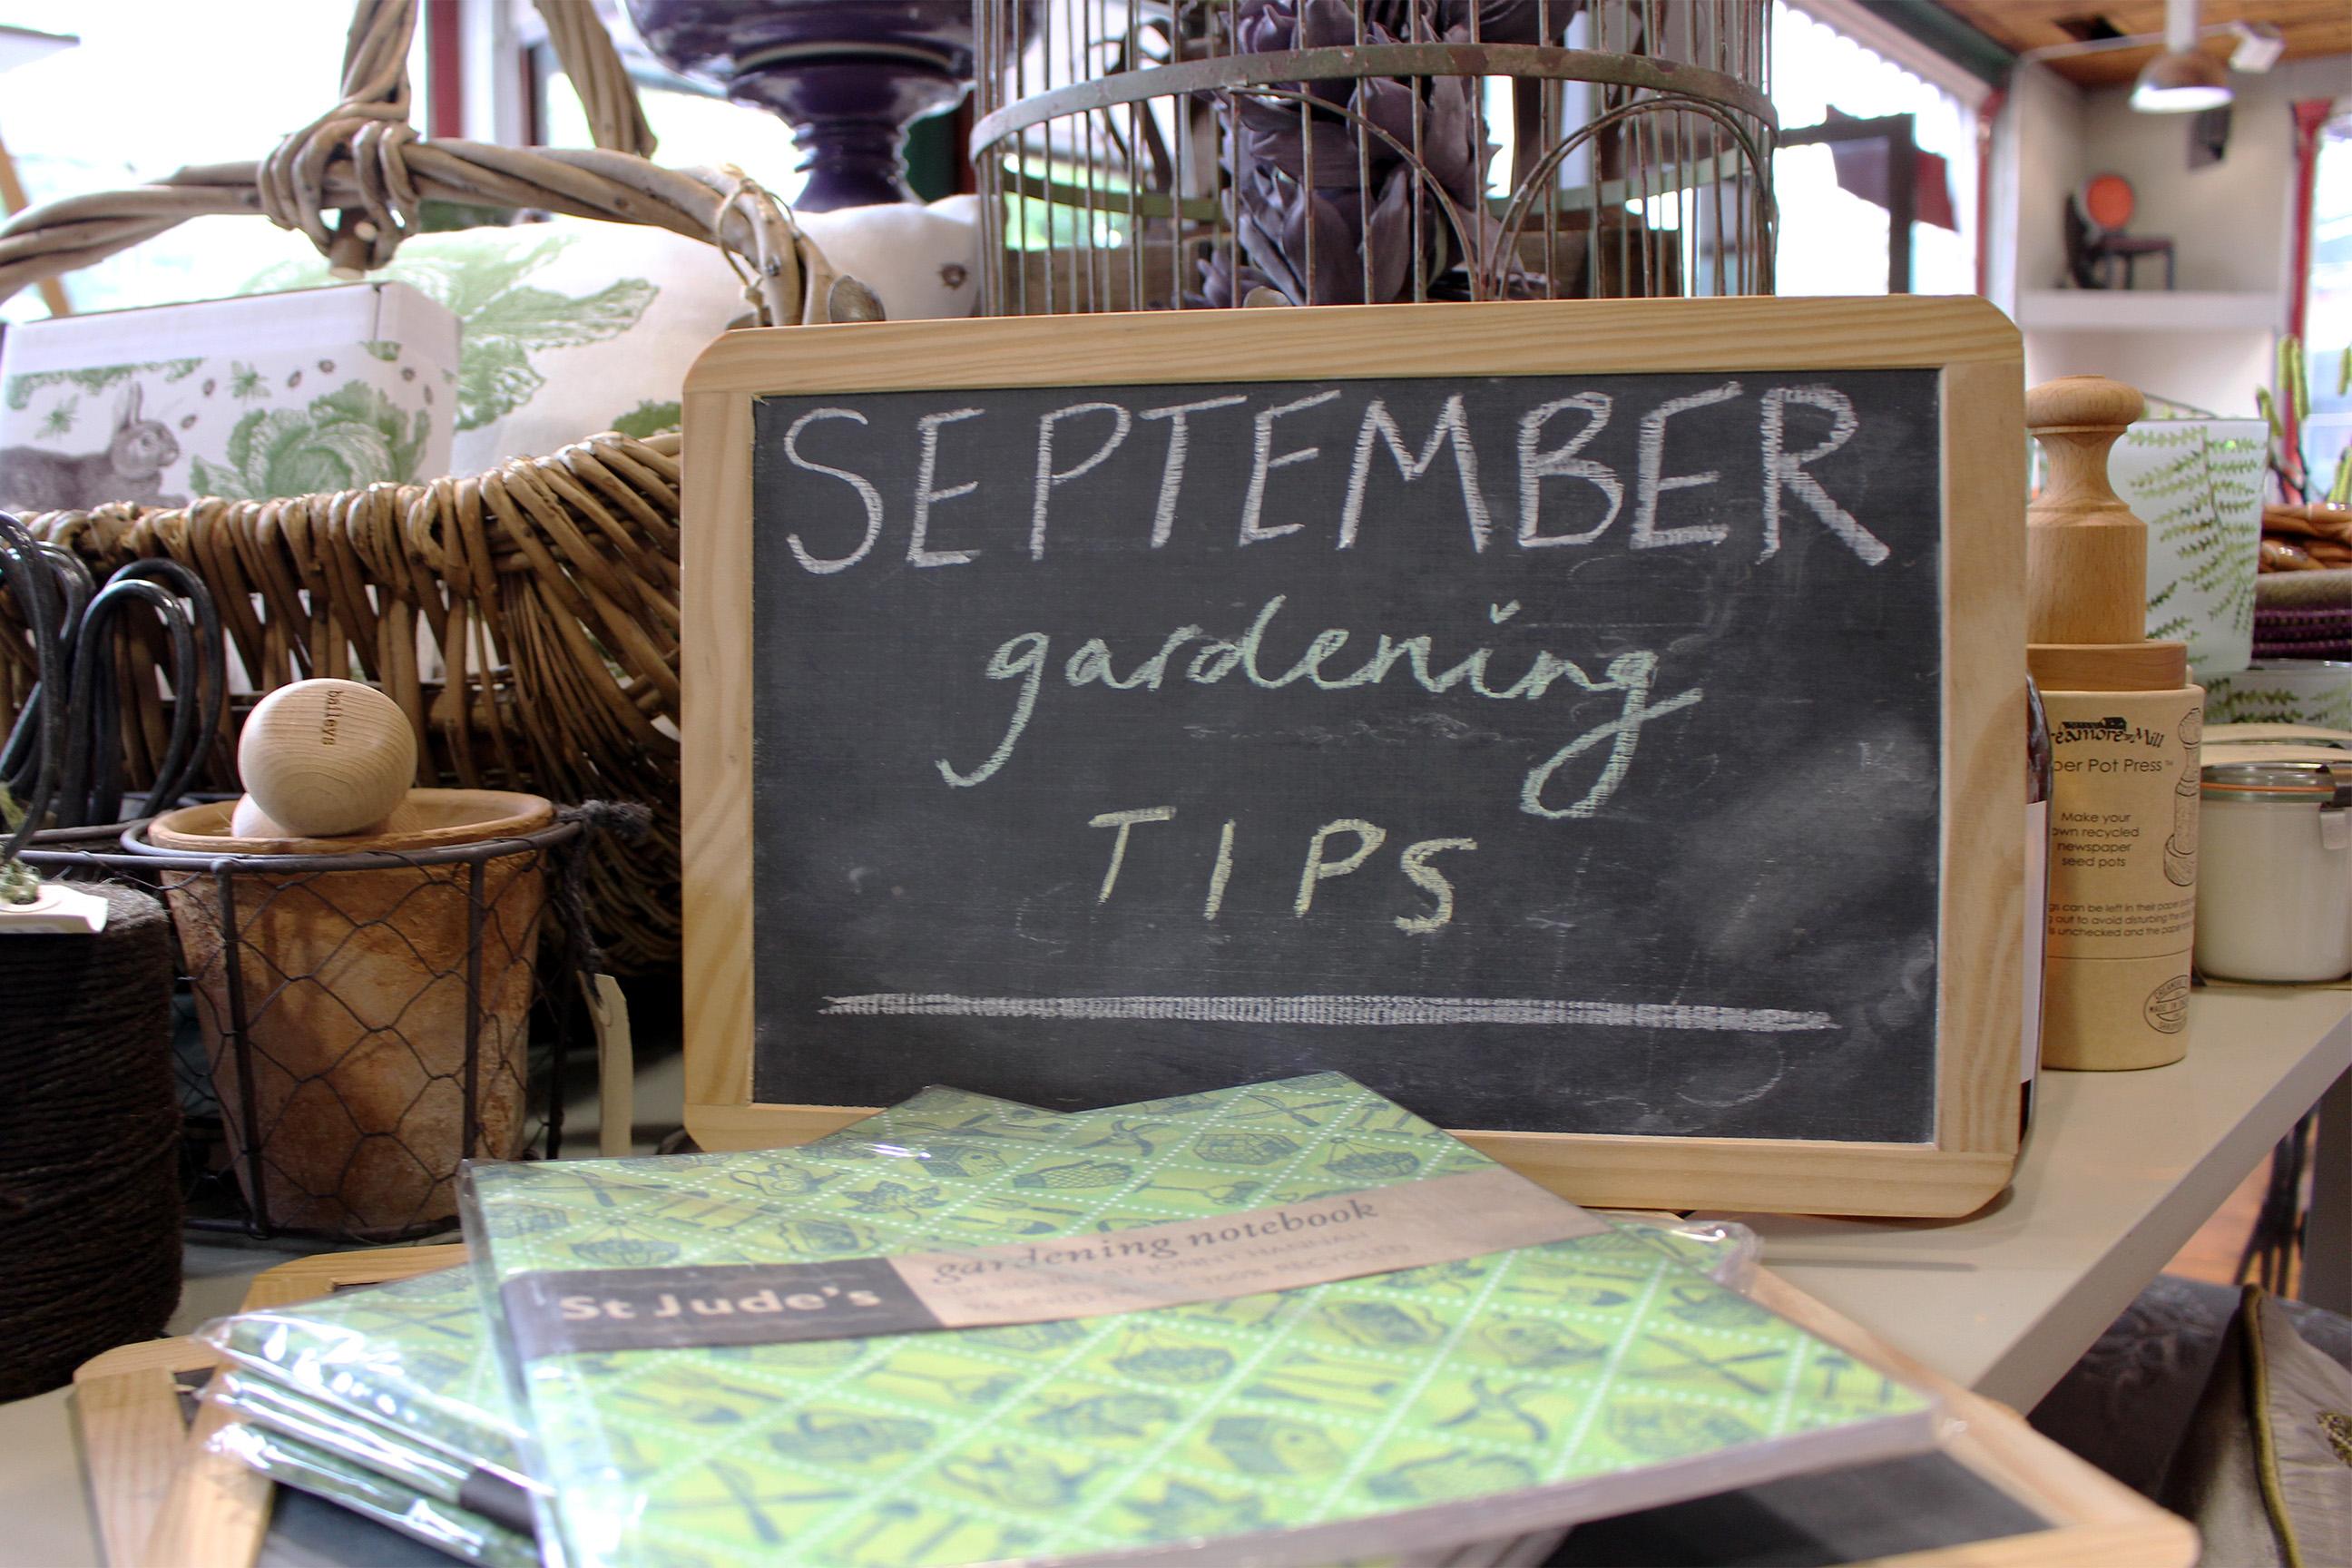 September gardening tips